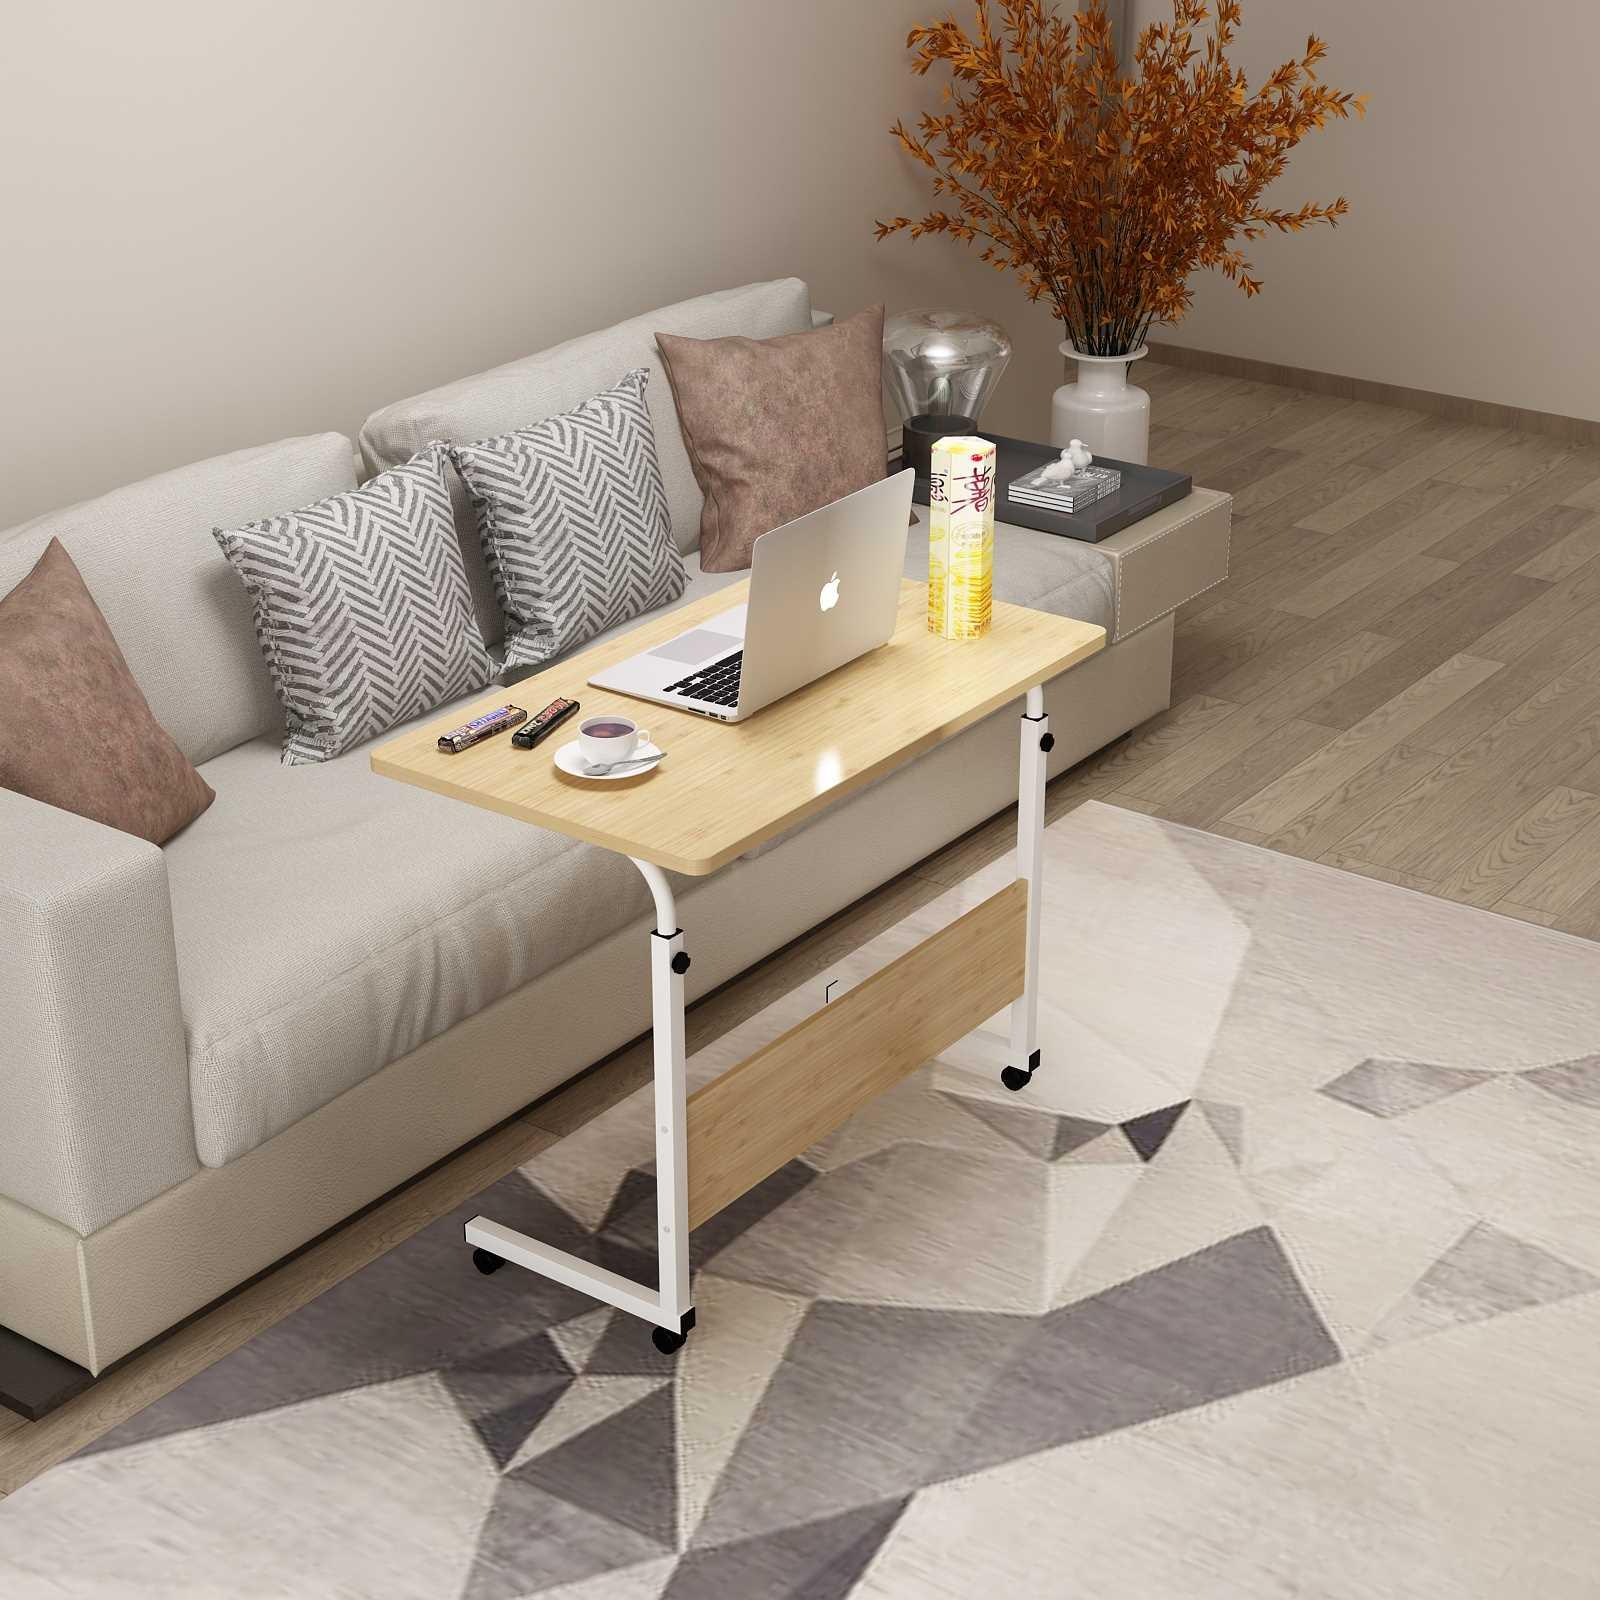 שולחן לפטופ דגם MARK 60/40 צבע עץ טבעי - תמונה 3